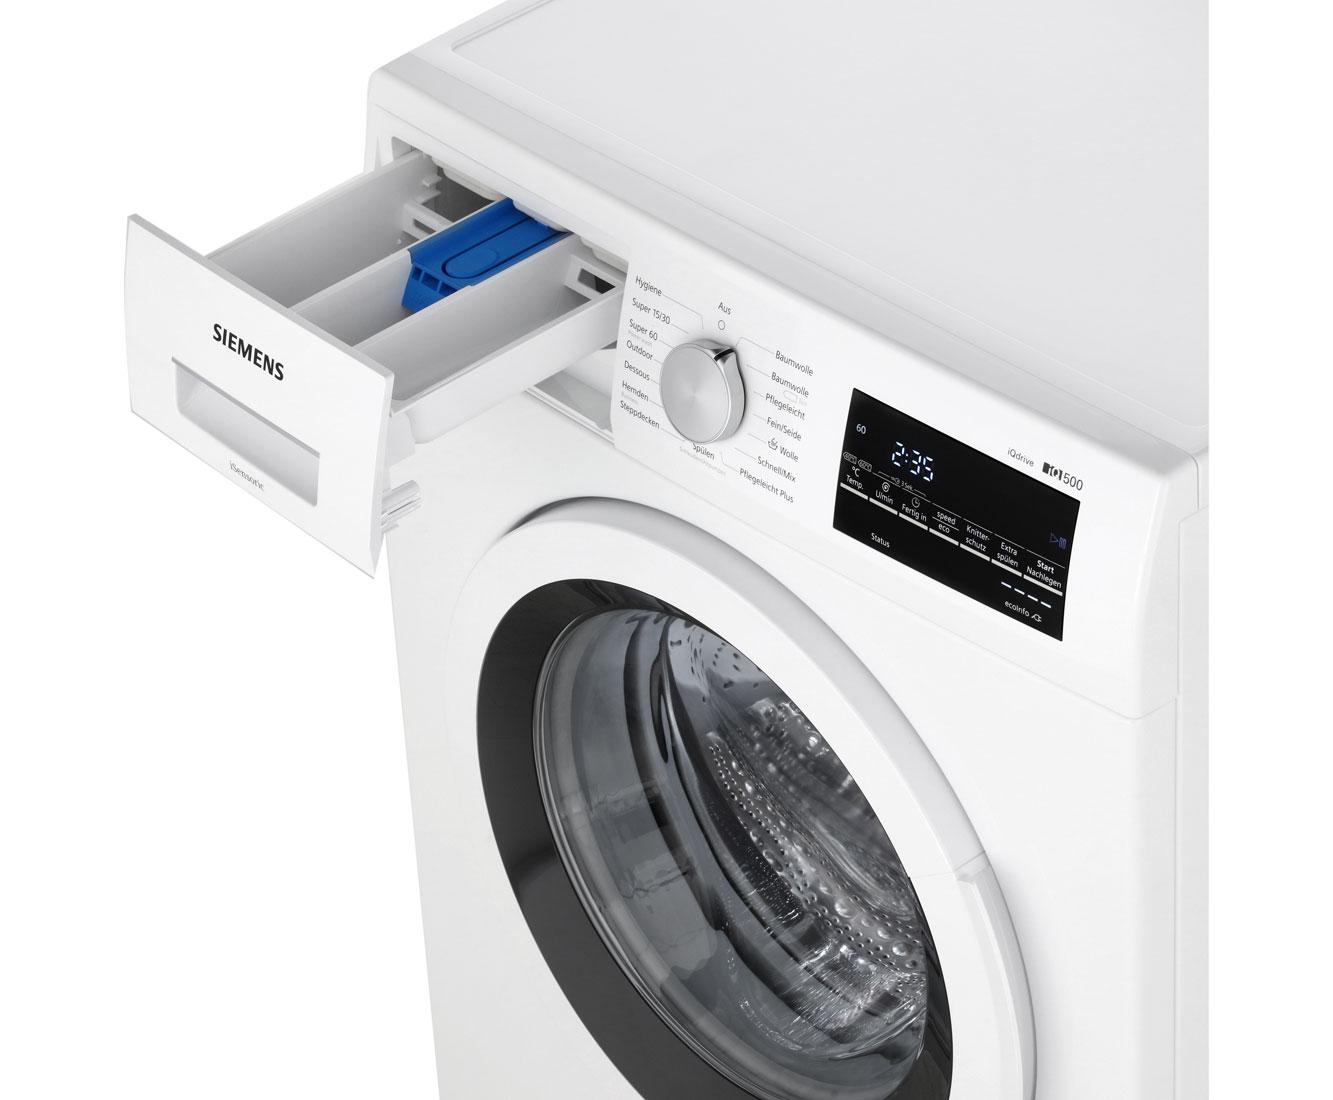 Siemens Kühlschrank Garantie : Siemens kühlschrank reparatur kosten siemens kundendienst